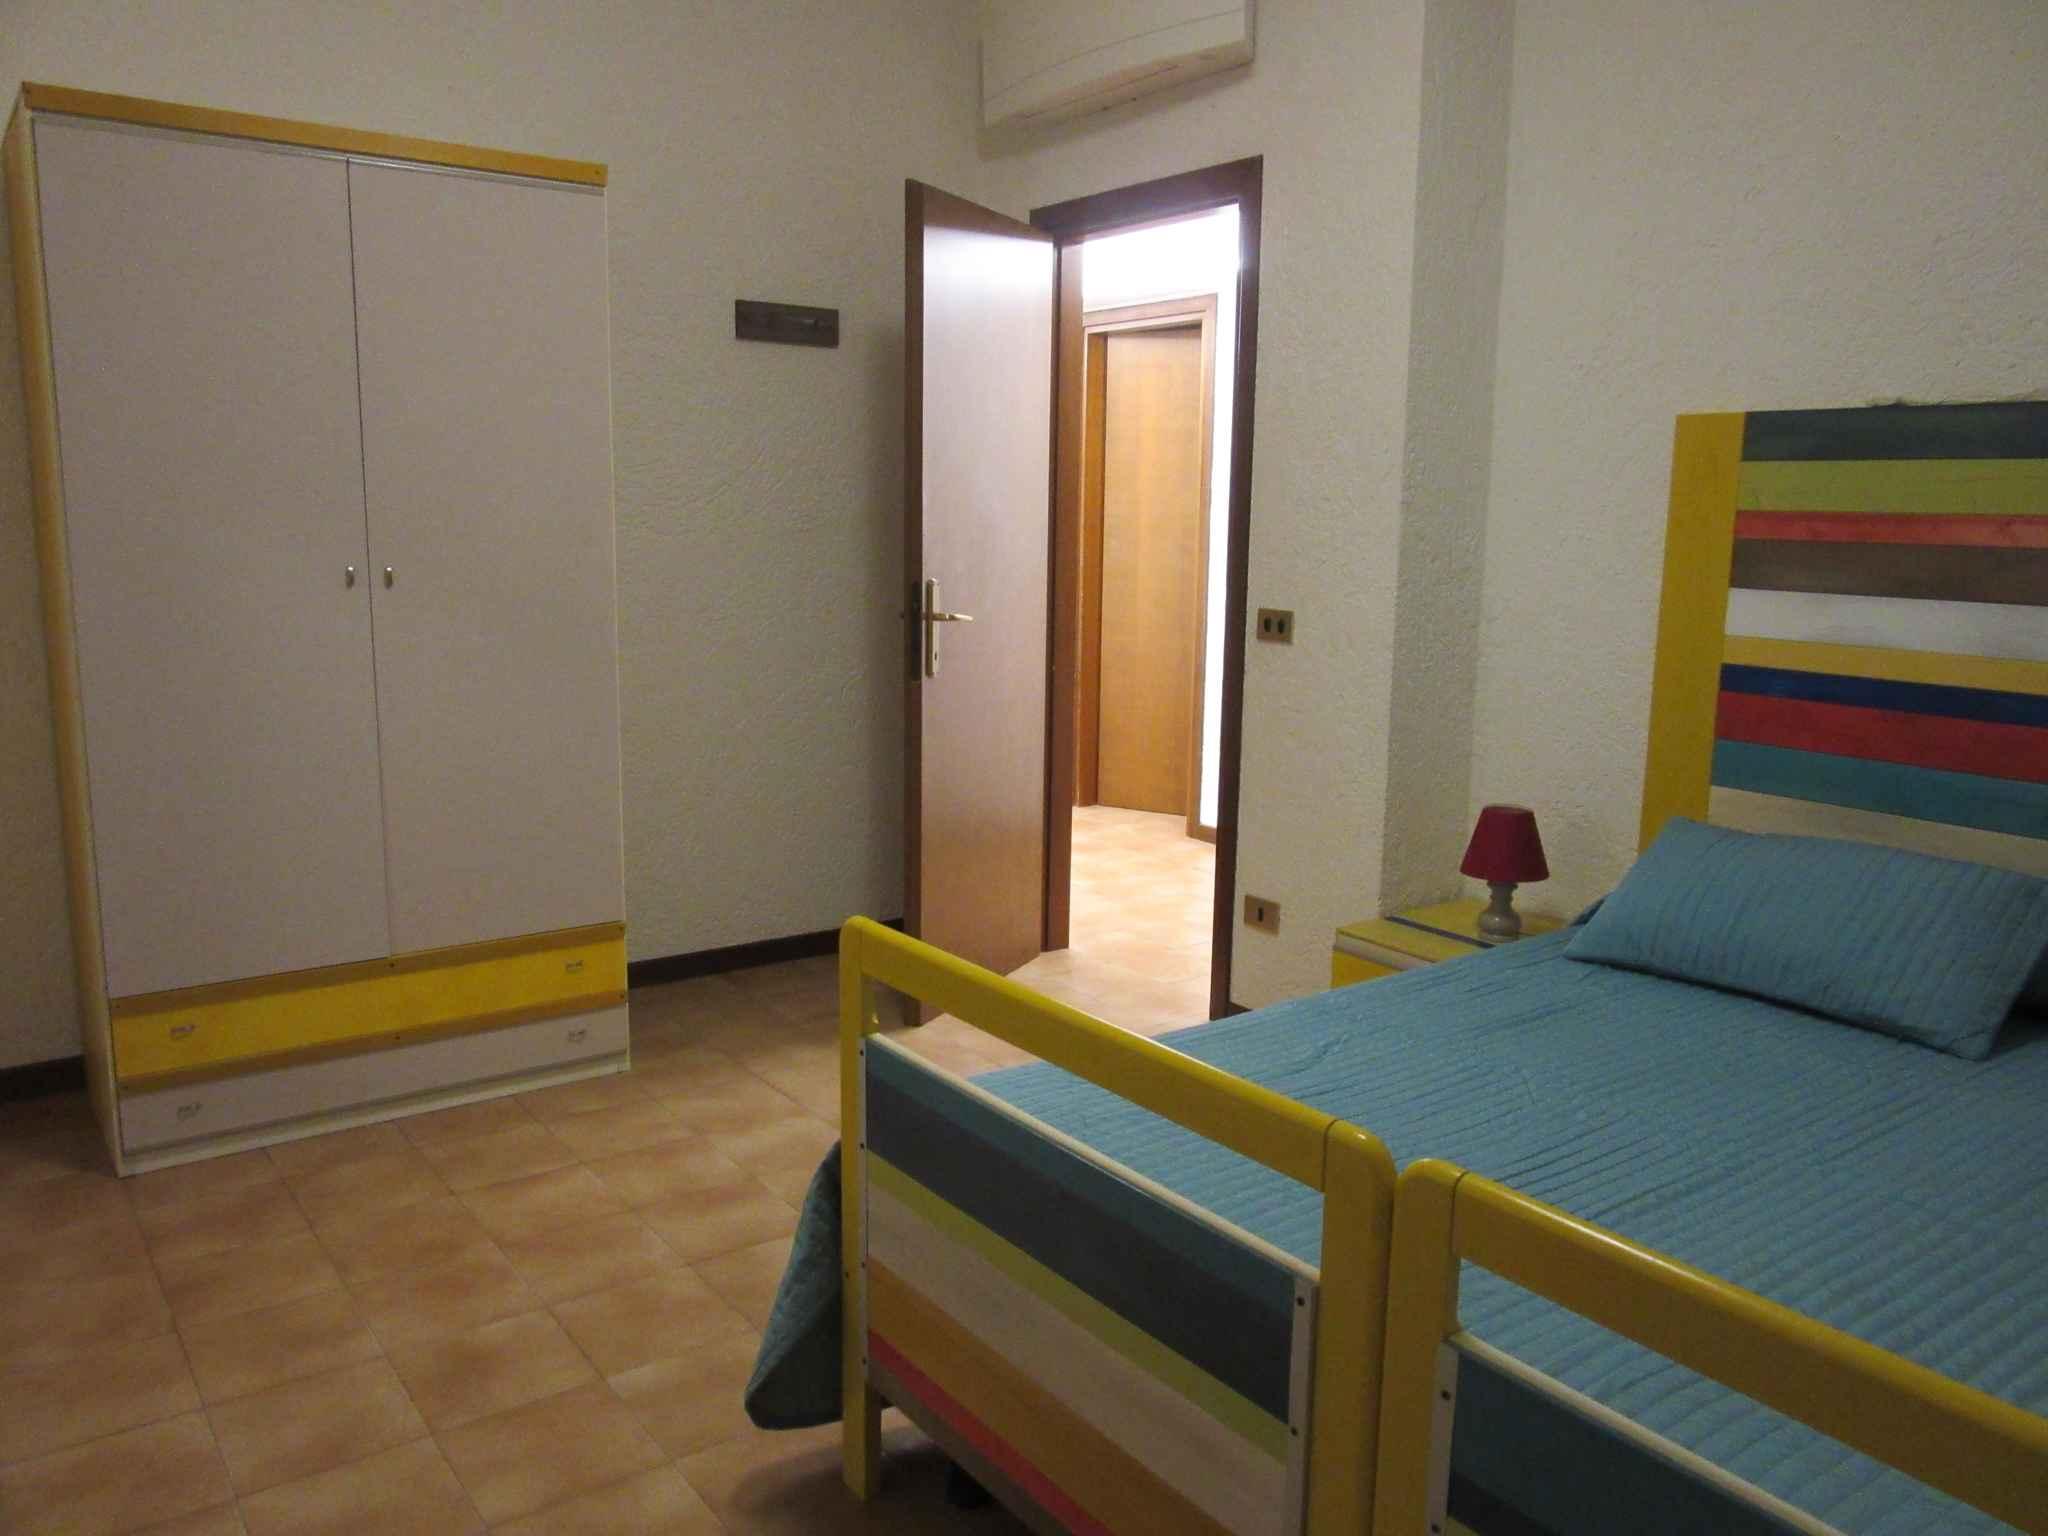 Ferienwohnung Residenz Rustico (279544), Garda, Gardasee, Venetien, Italien, Bild 20